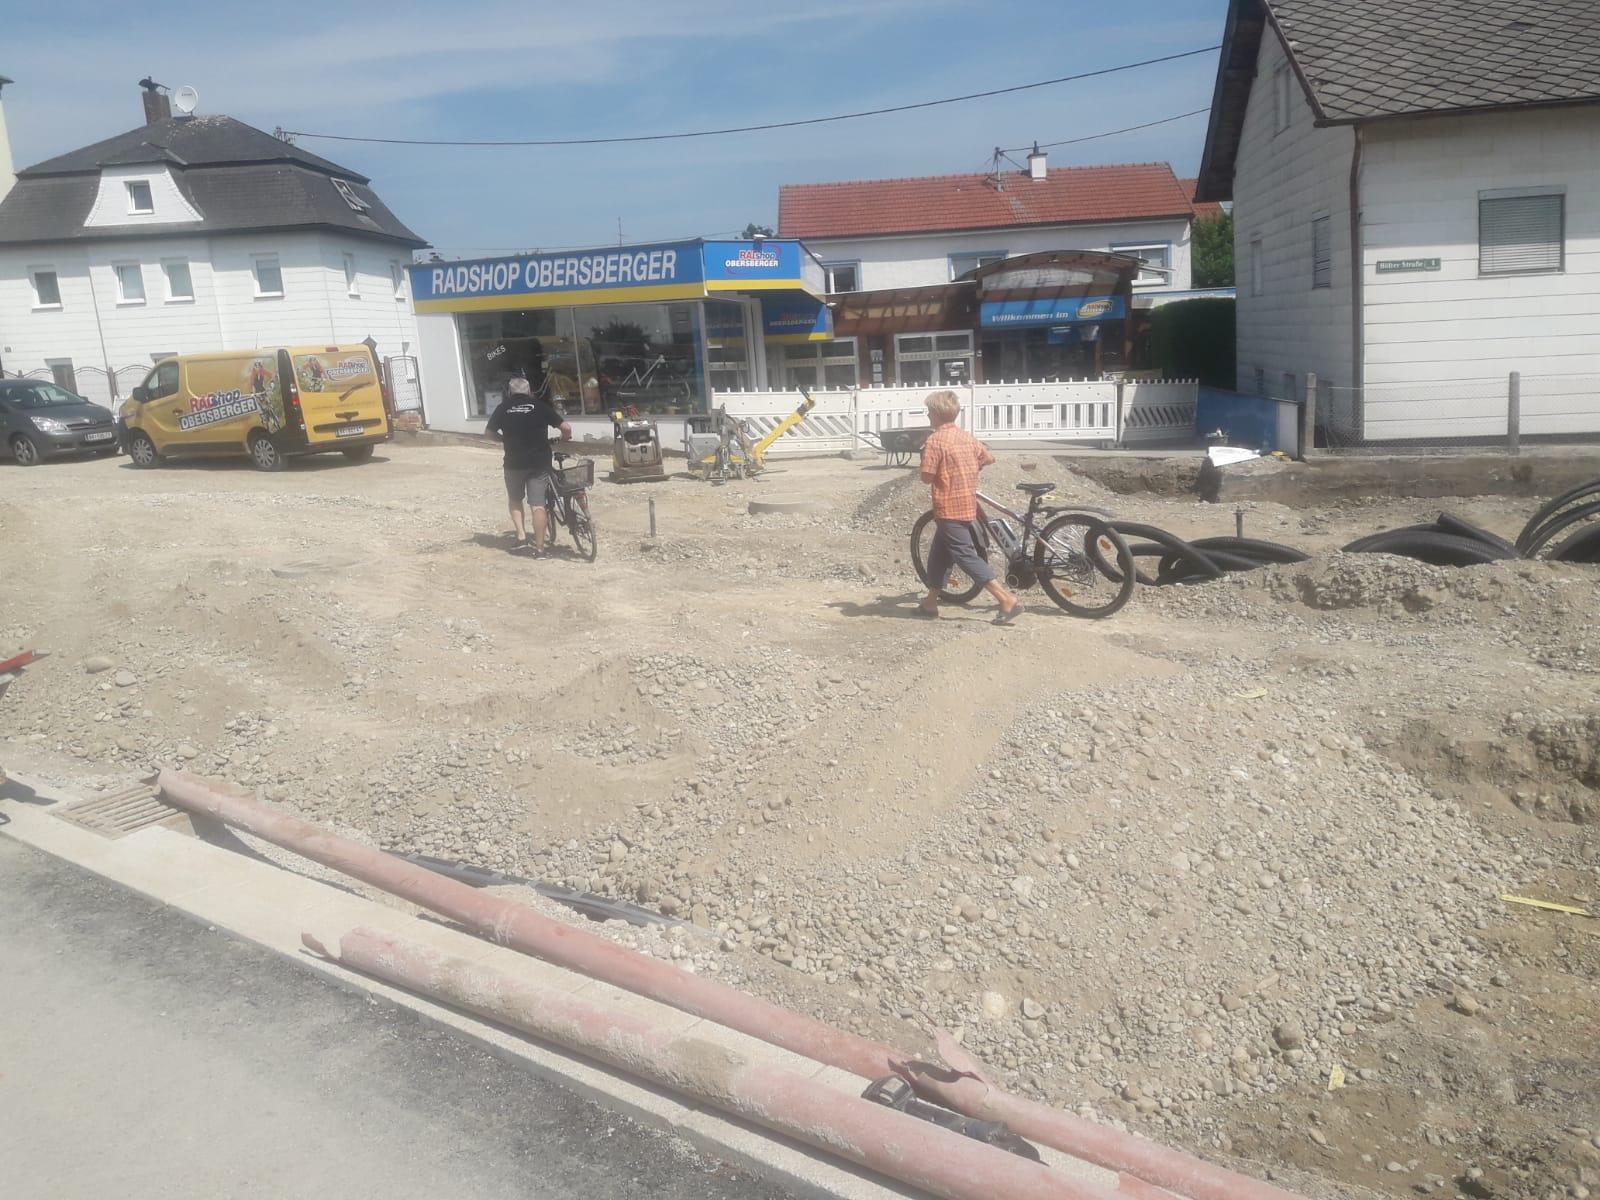 Umbau der Laabstraße vor dem Radshop